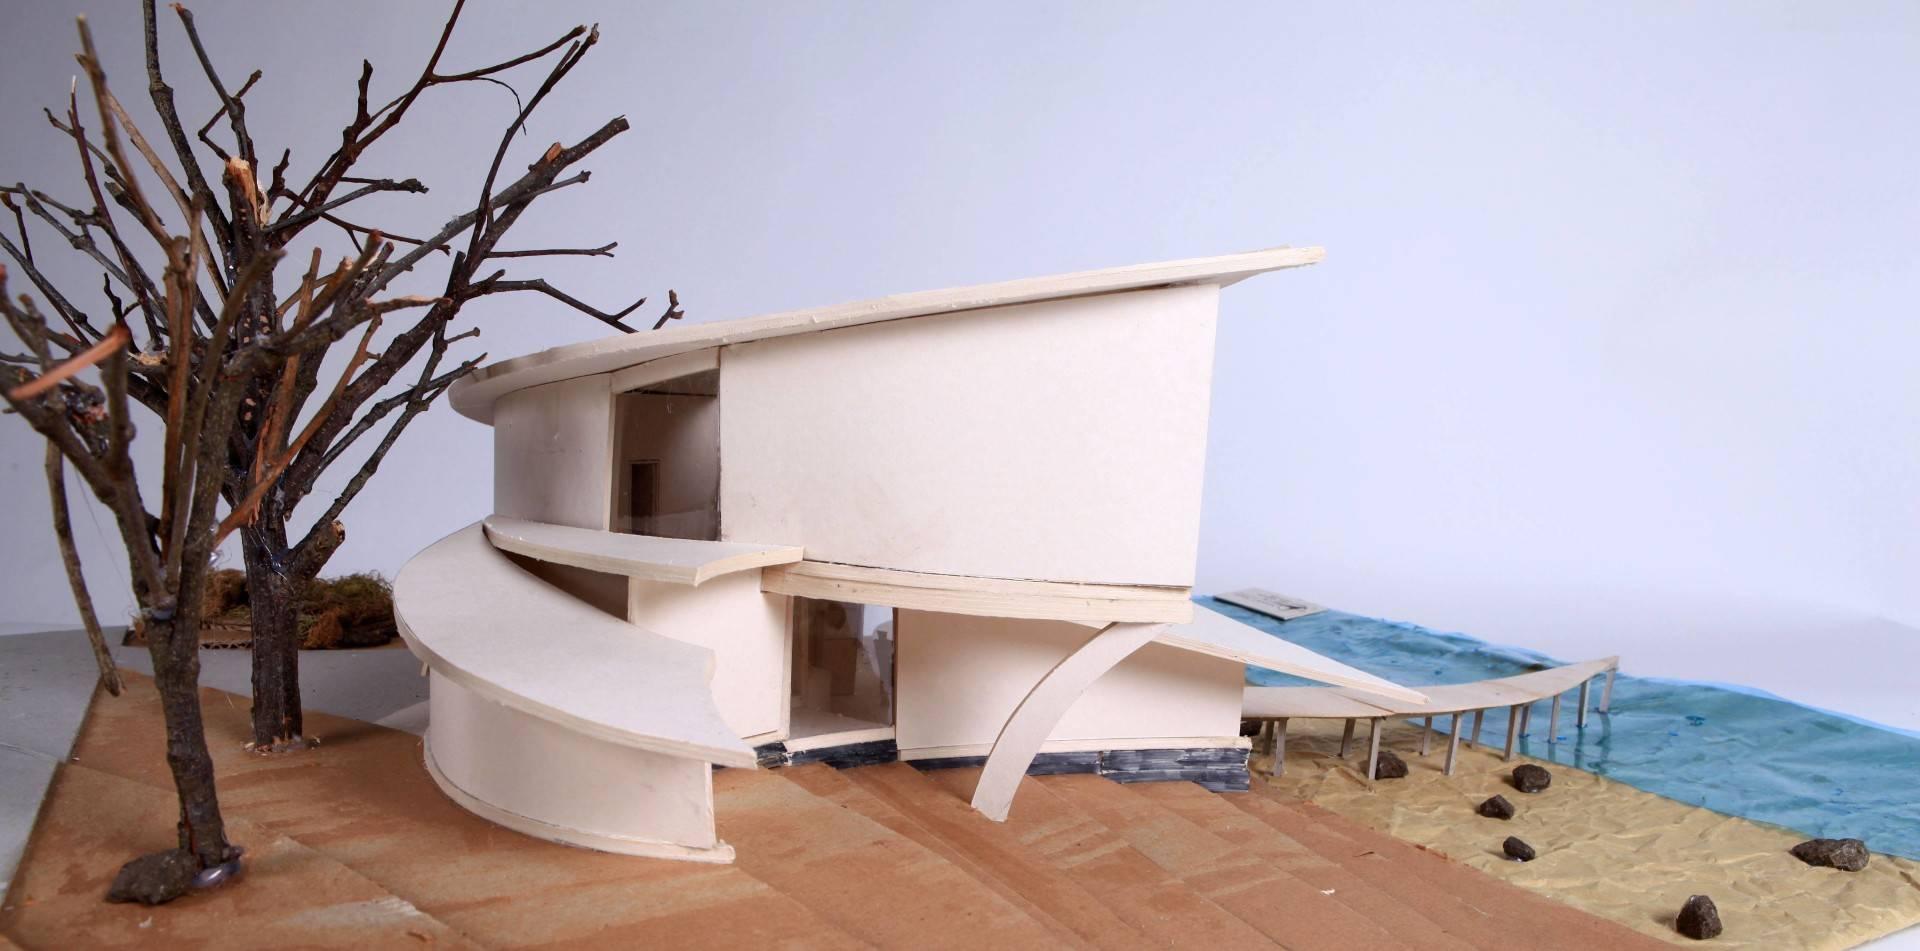 Evan Kriswandi An Artist's House Carita Beach Carita Beach Photo-864   864